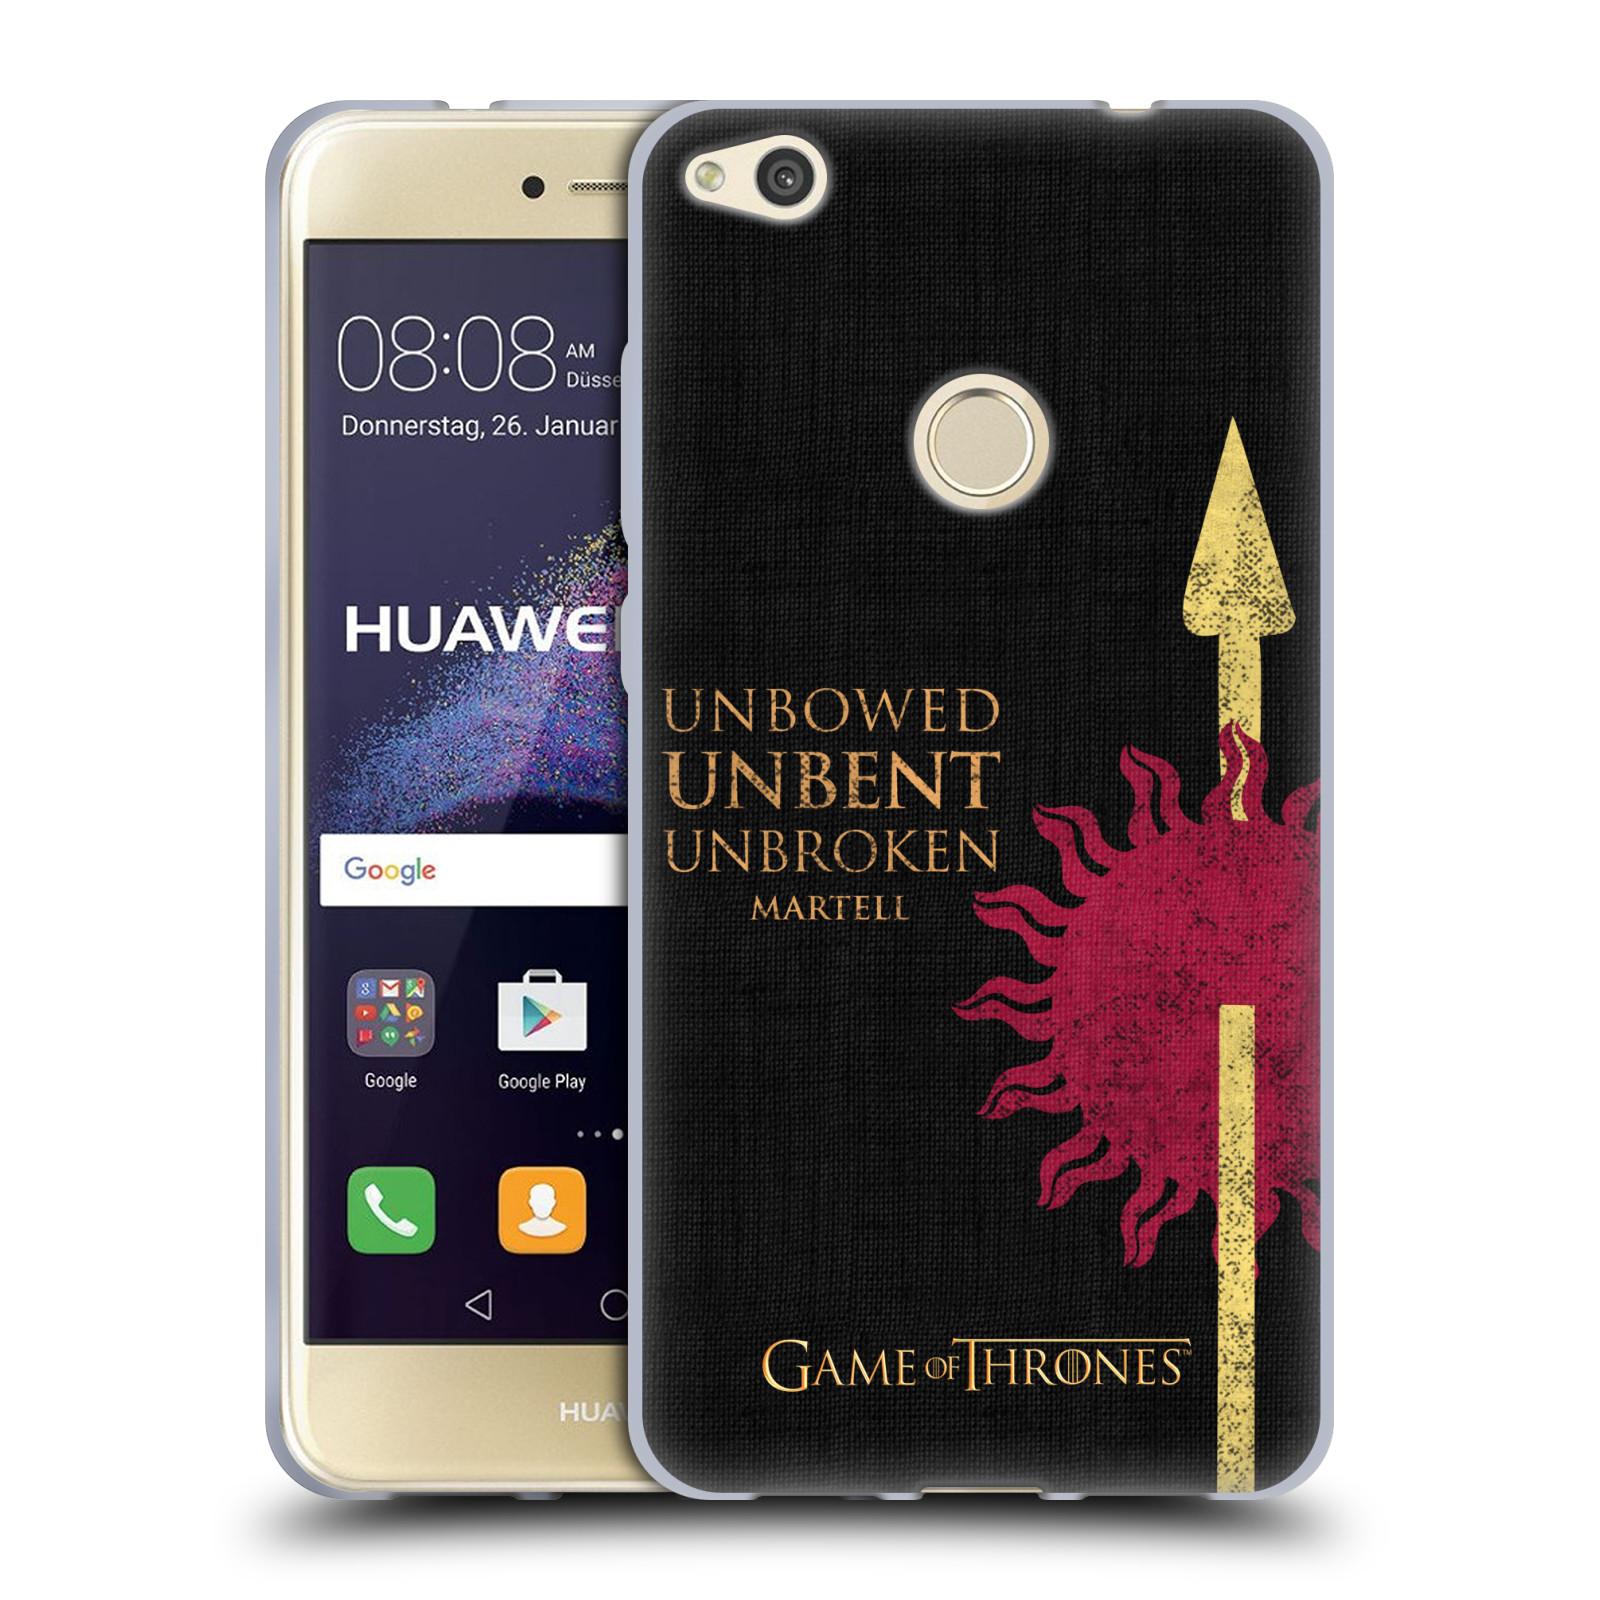 HEAD CASE silikonový obal na mobil Huawei P9 LITE 2017   P9 LITE 2017 DUAL  SIM empty 694a959a6b1